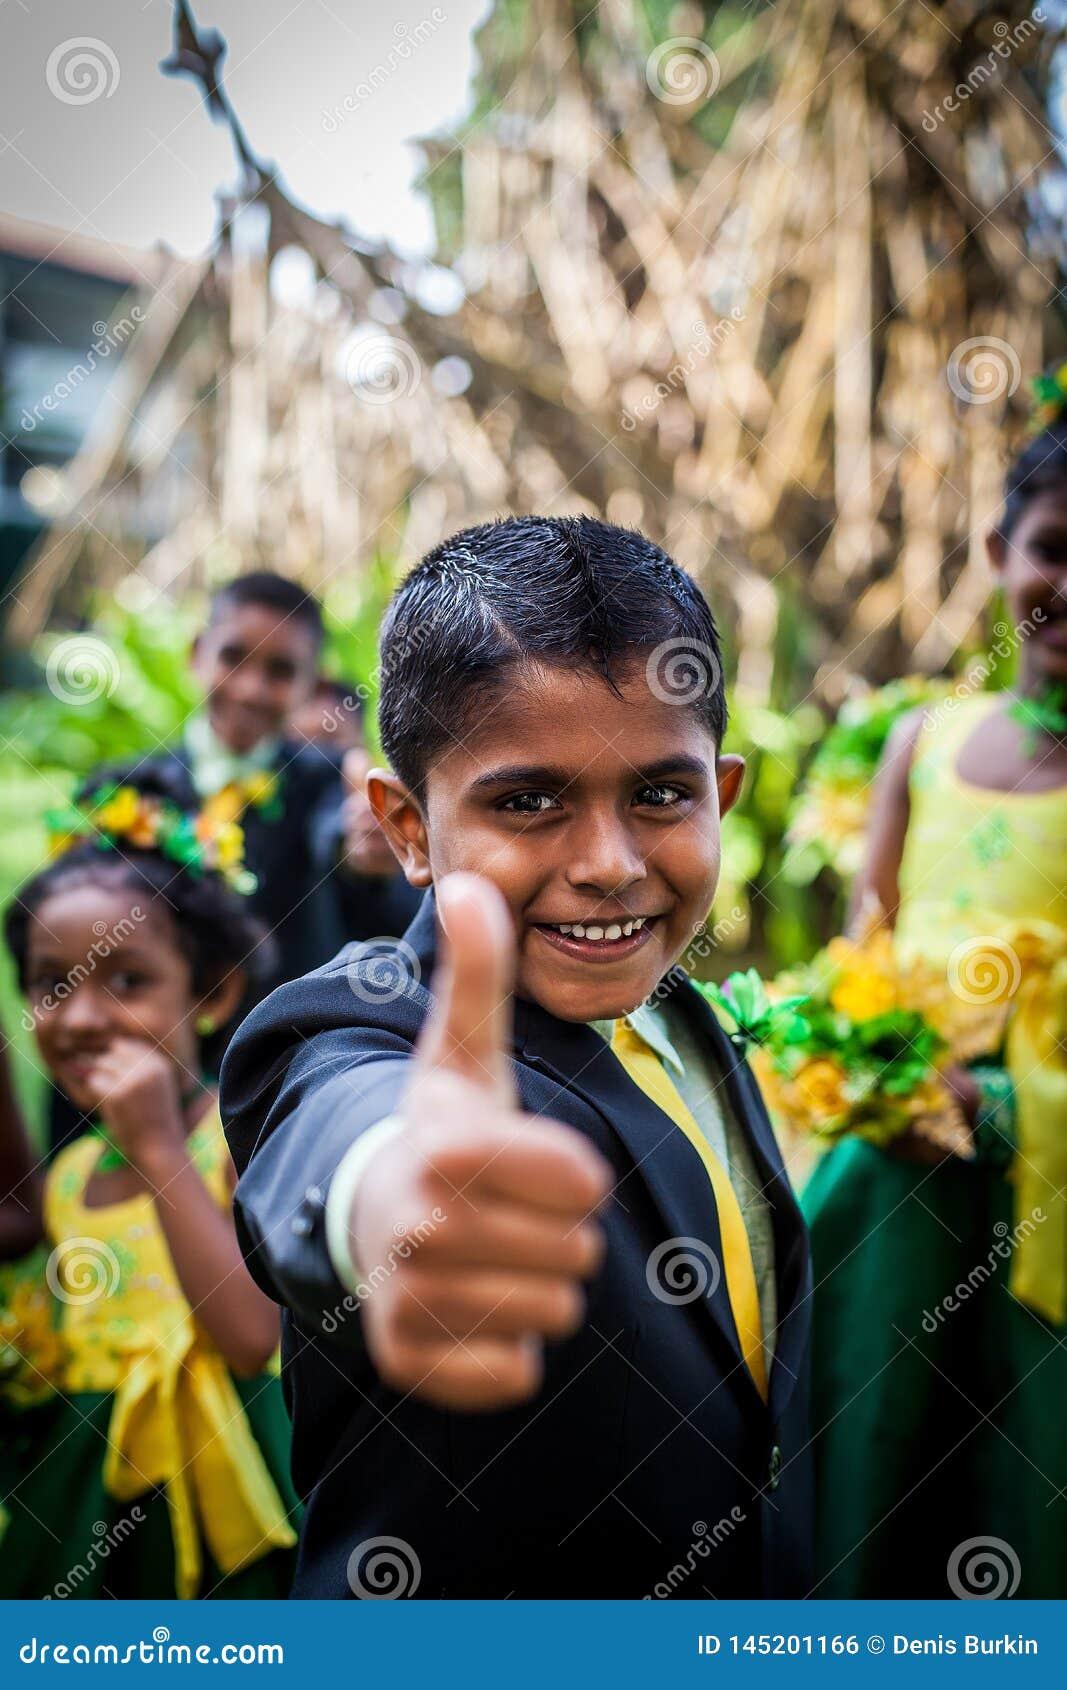 衣服的快乐的亚裔男孩显示他的赞许以其他孩子为背景